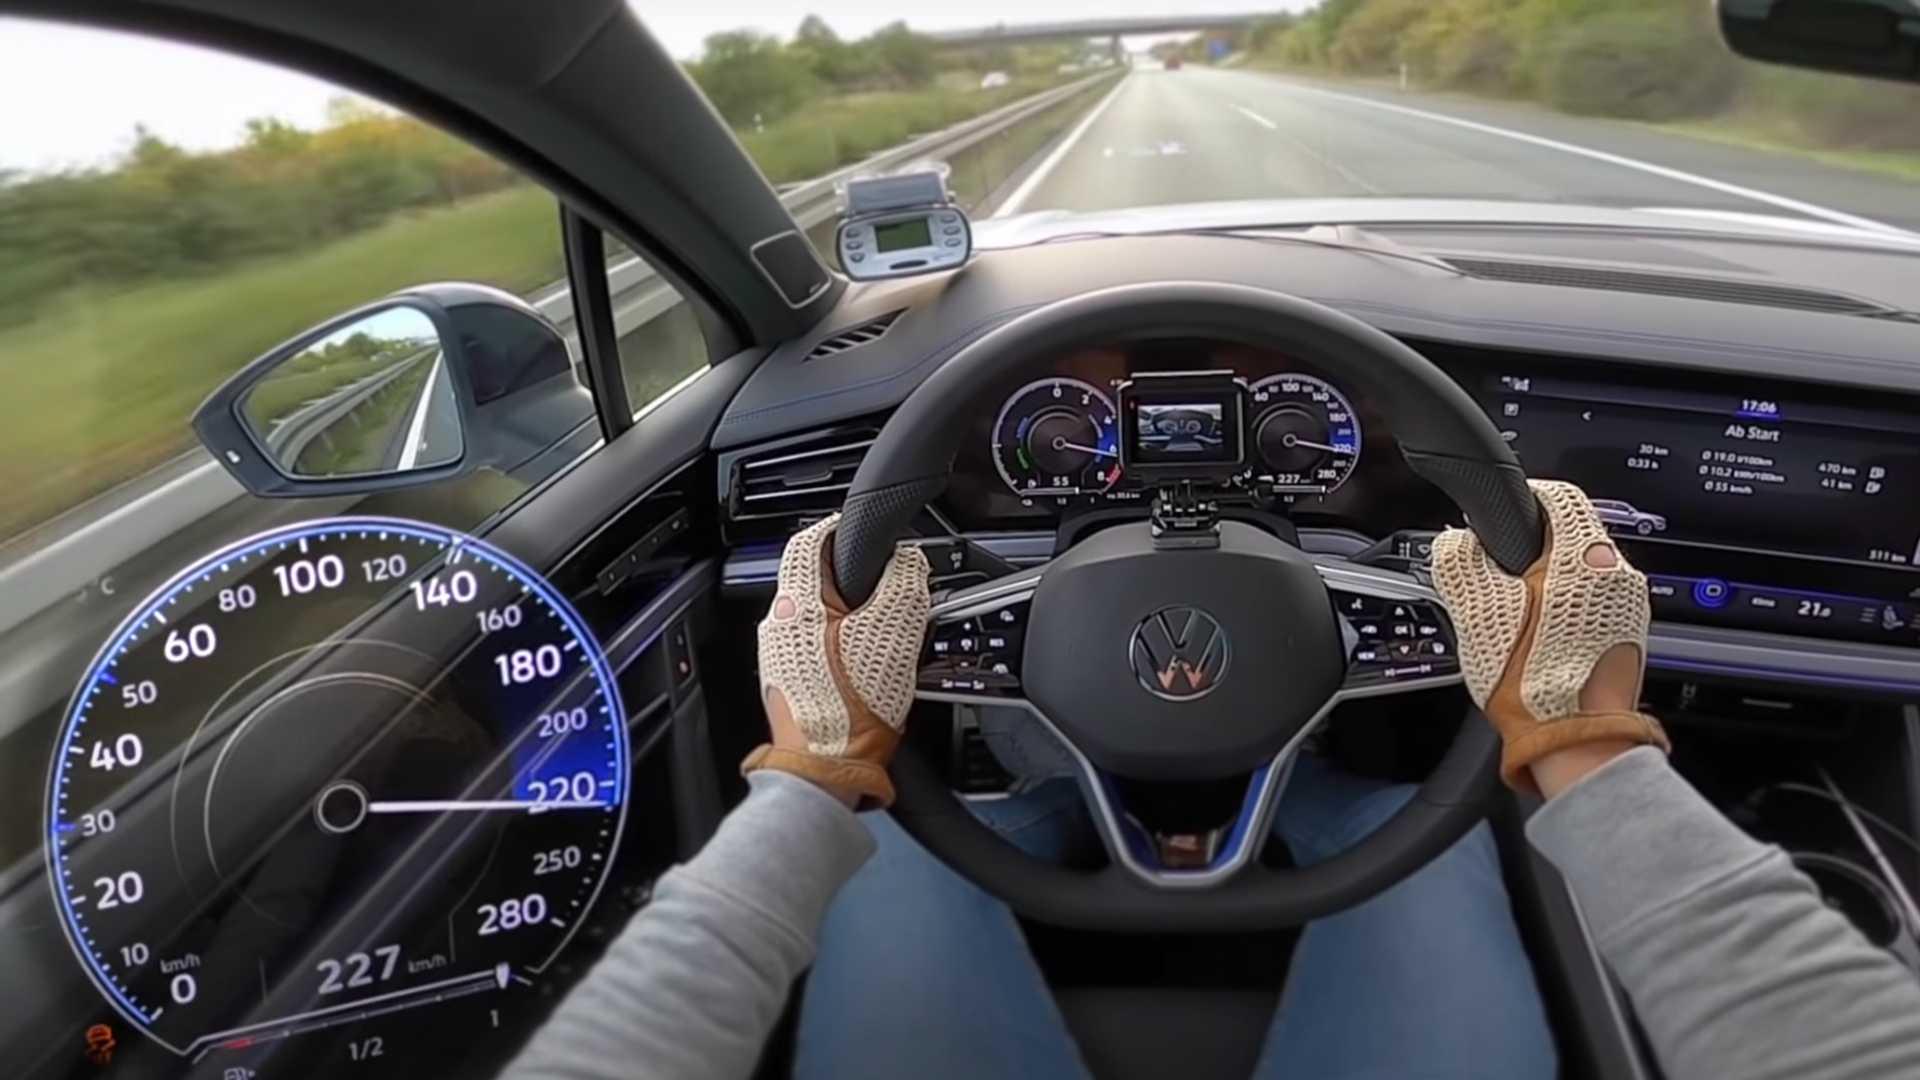 Volkswagen Touareg R (2021): przyspieszenie 0-100 km/h, dane techniczne, launch control